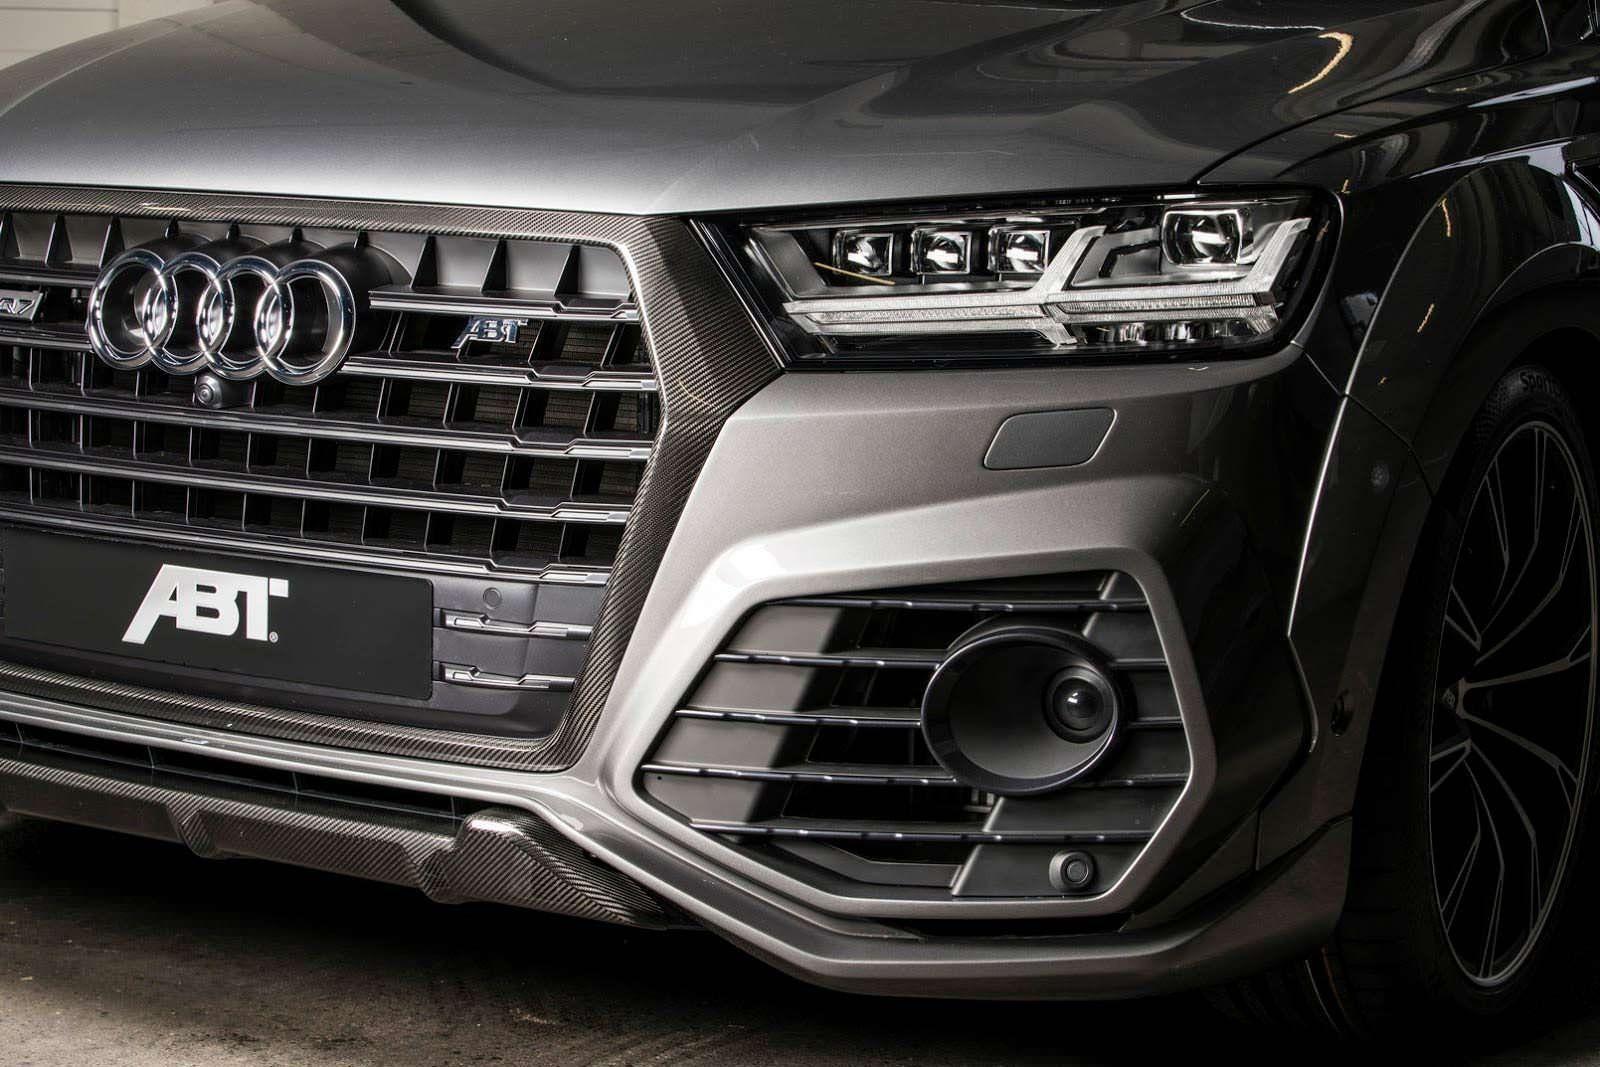 Audi к 2023 году планирует продавать вКитае 1,2 млн автомобилей